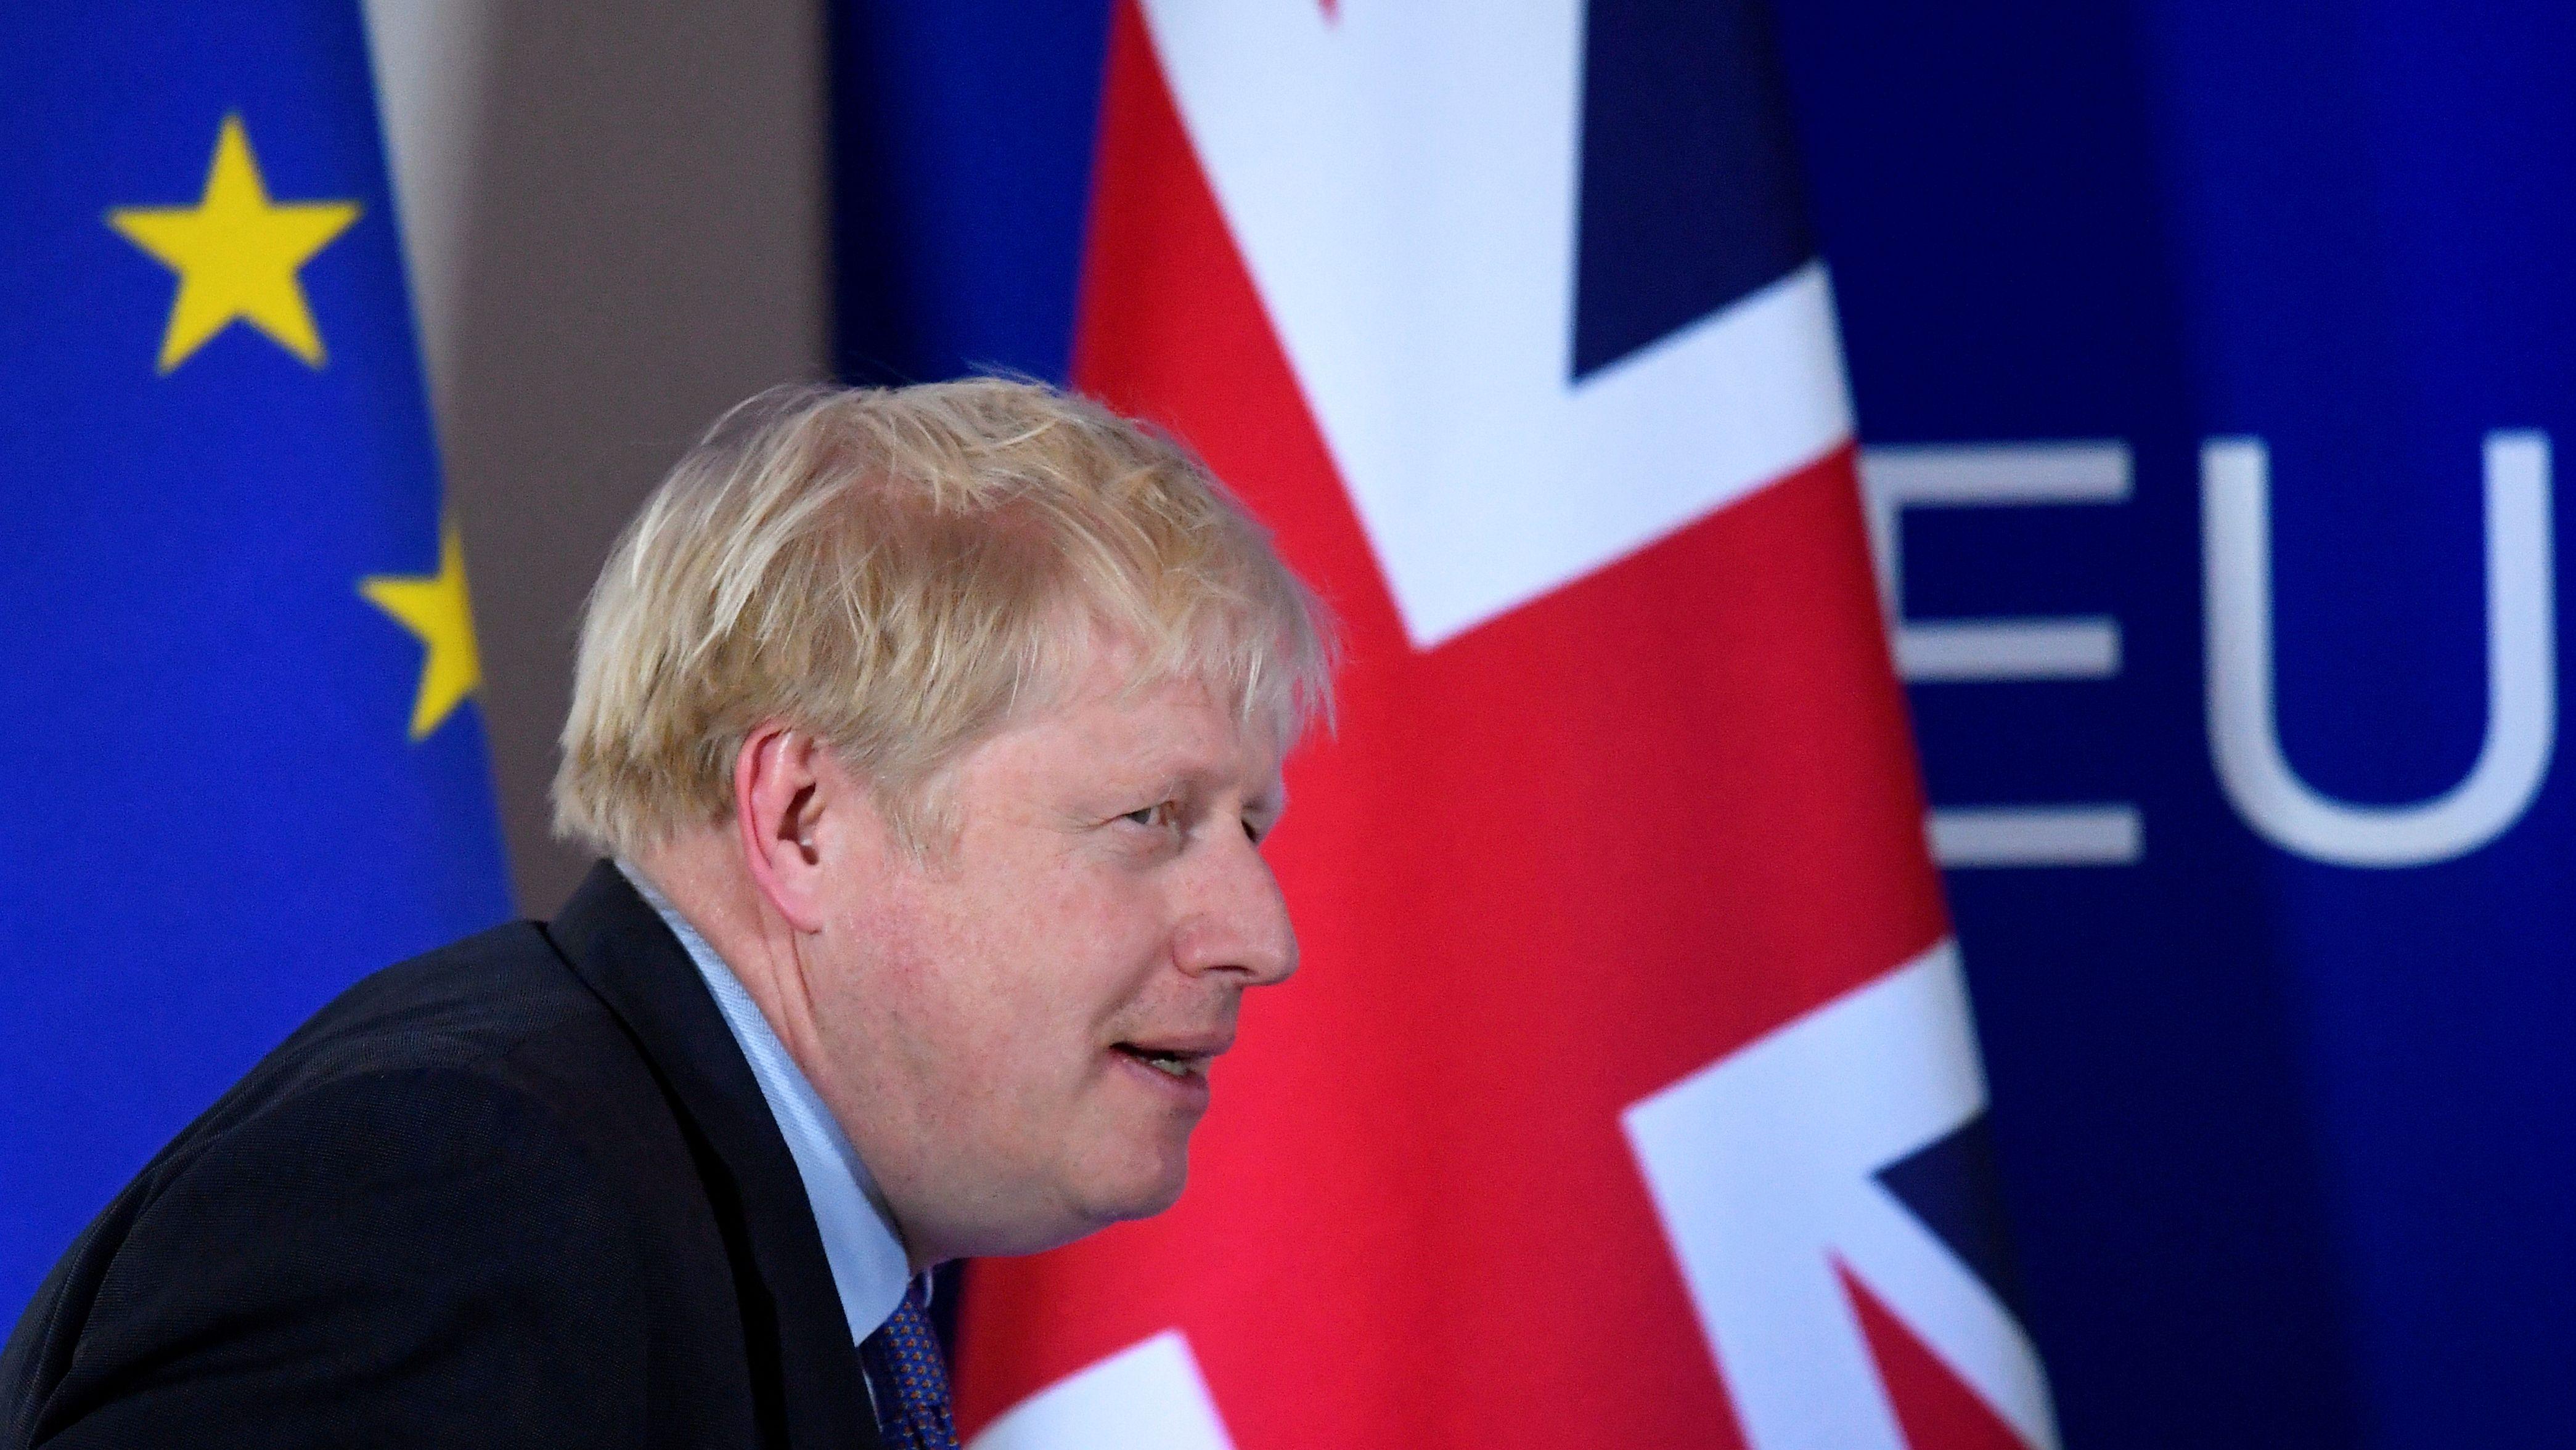 Der britische Premier steht beim EU-Gipfel am 17. Oktober in Brüssel vor Flaggen der EU und Großbritanniens.